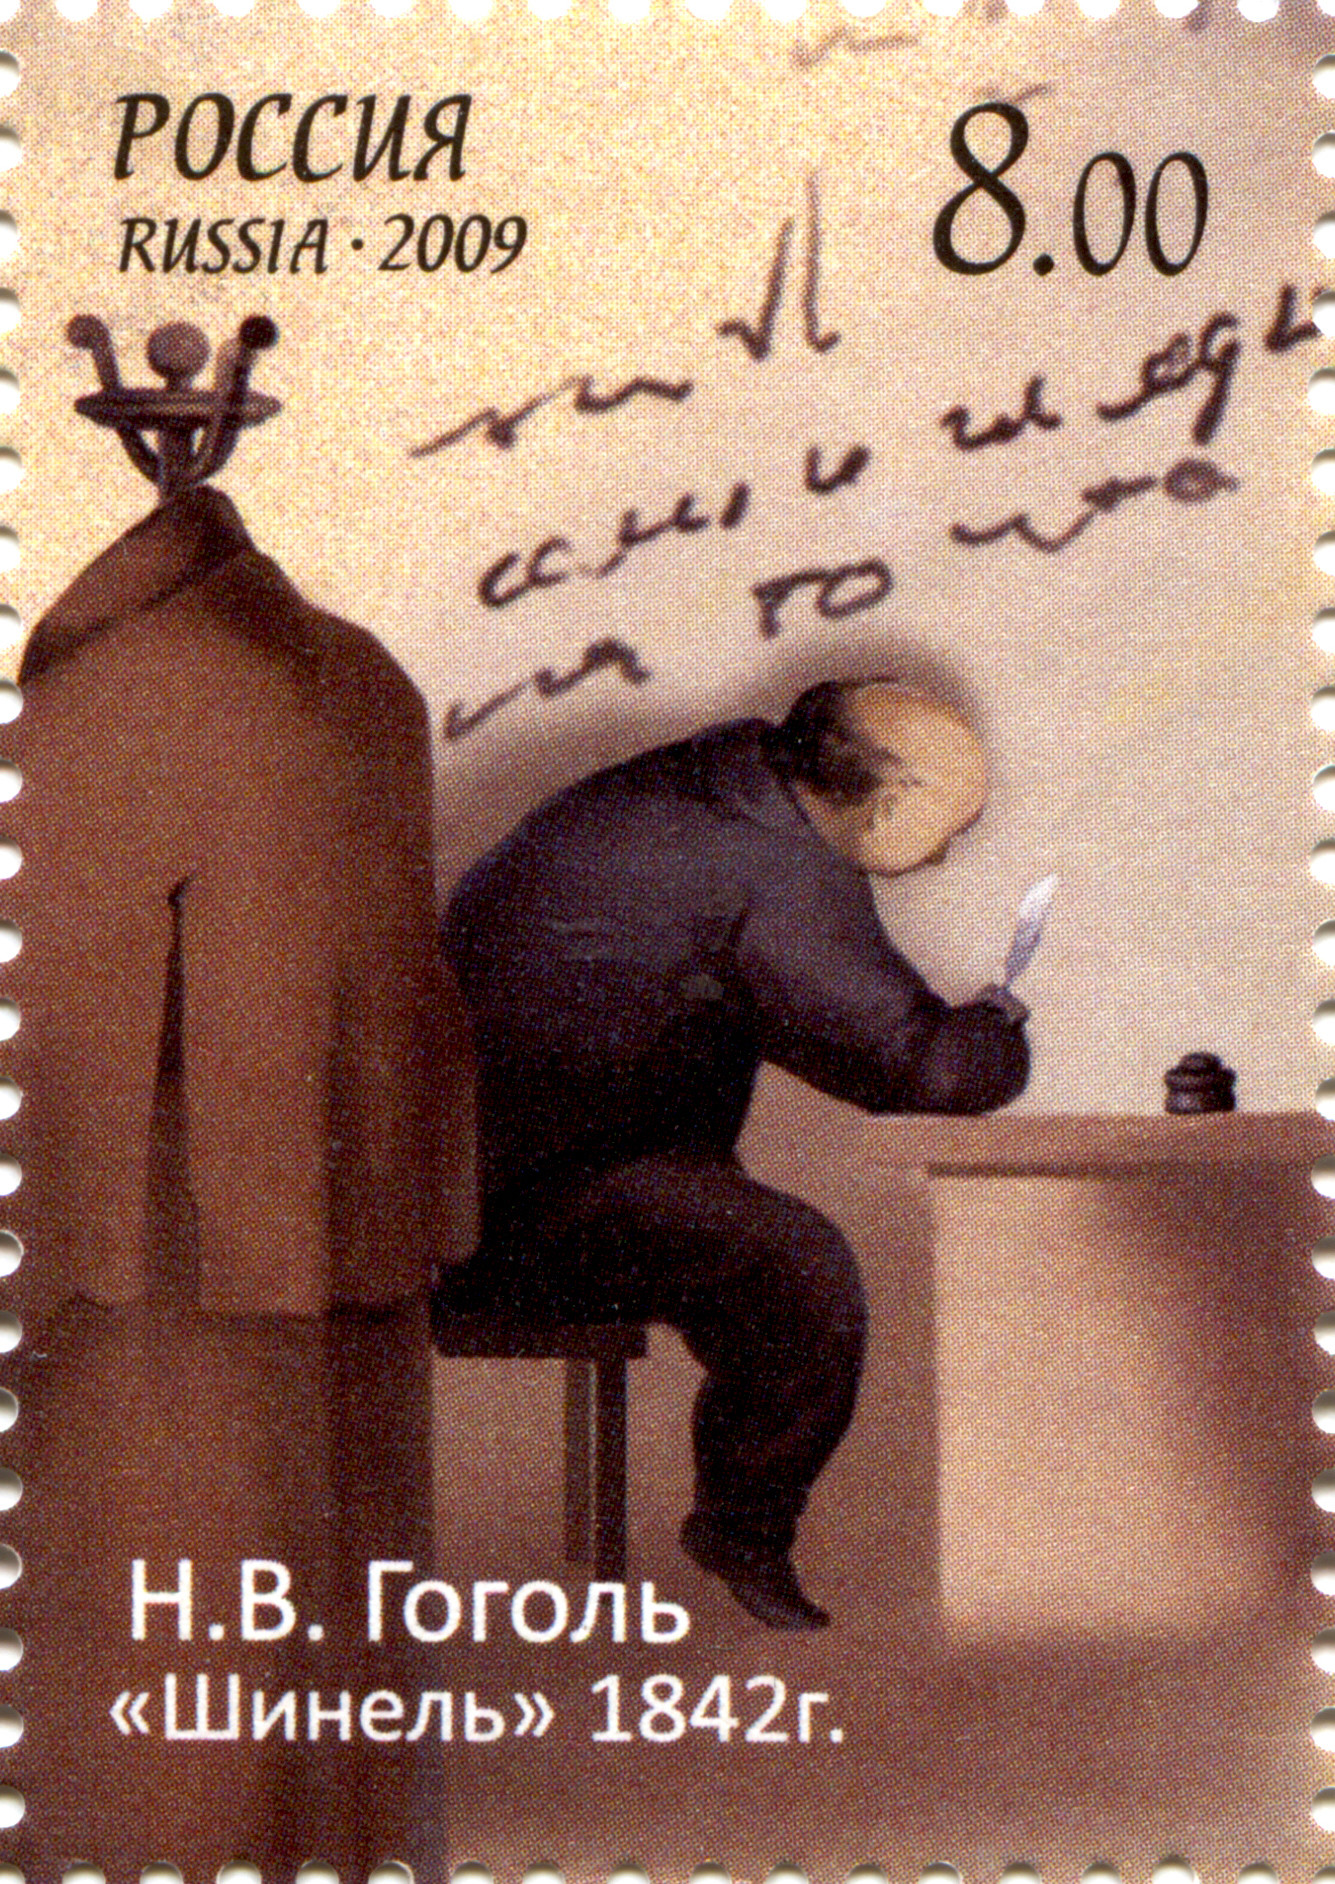 Ruska znamka v čast delu Plašč ob 200. obletnici rojstva Nikolaja Gogolja.